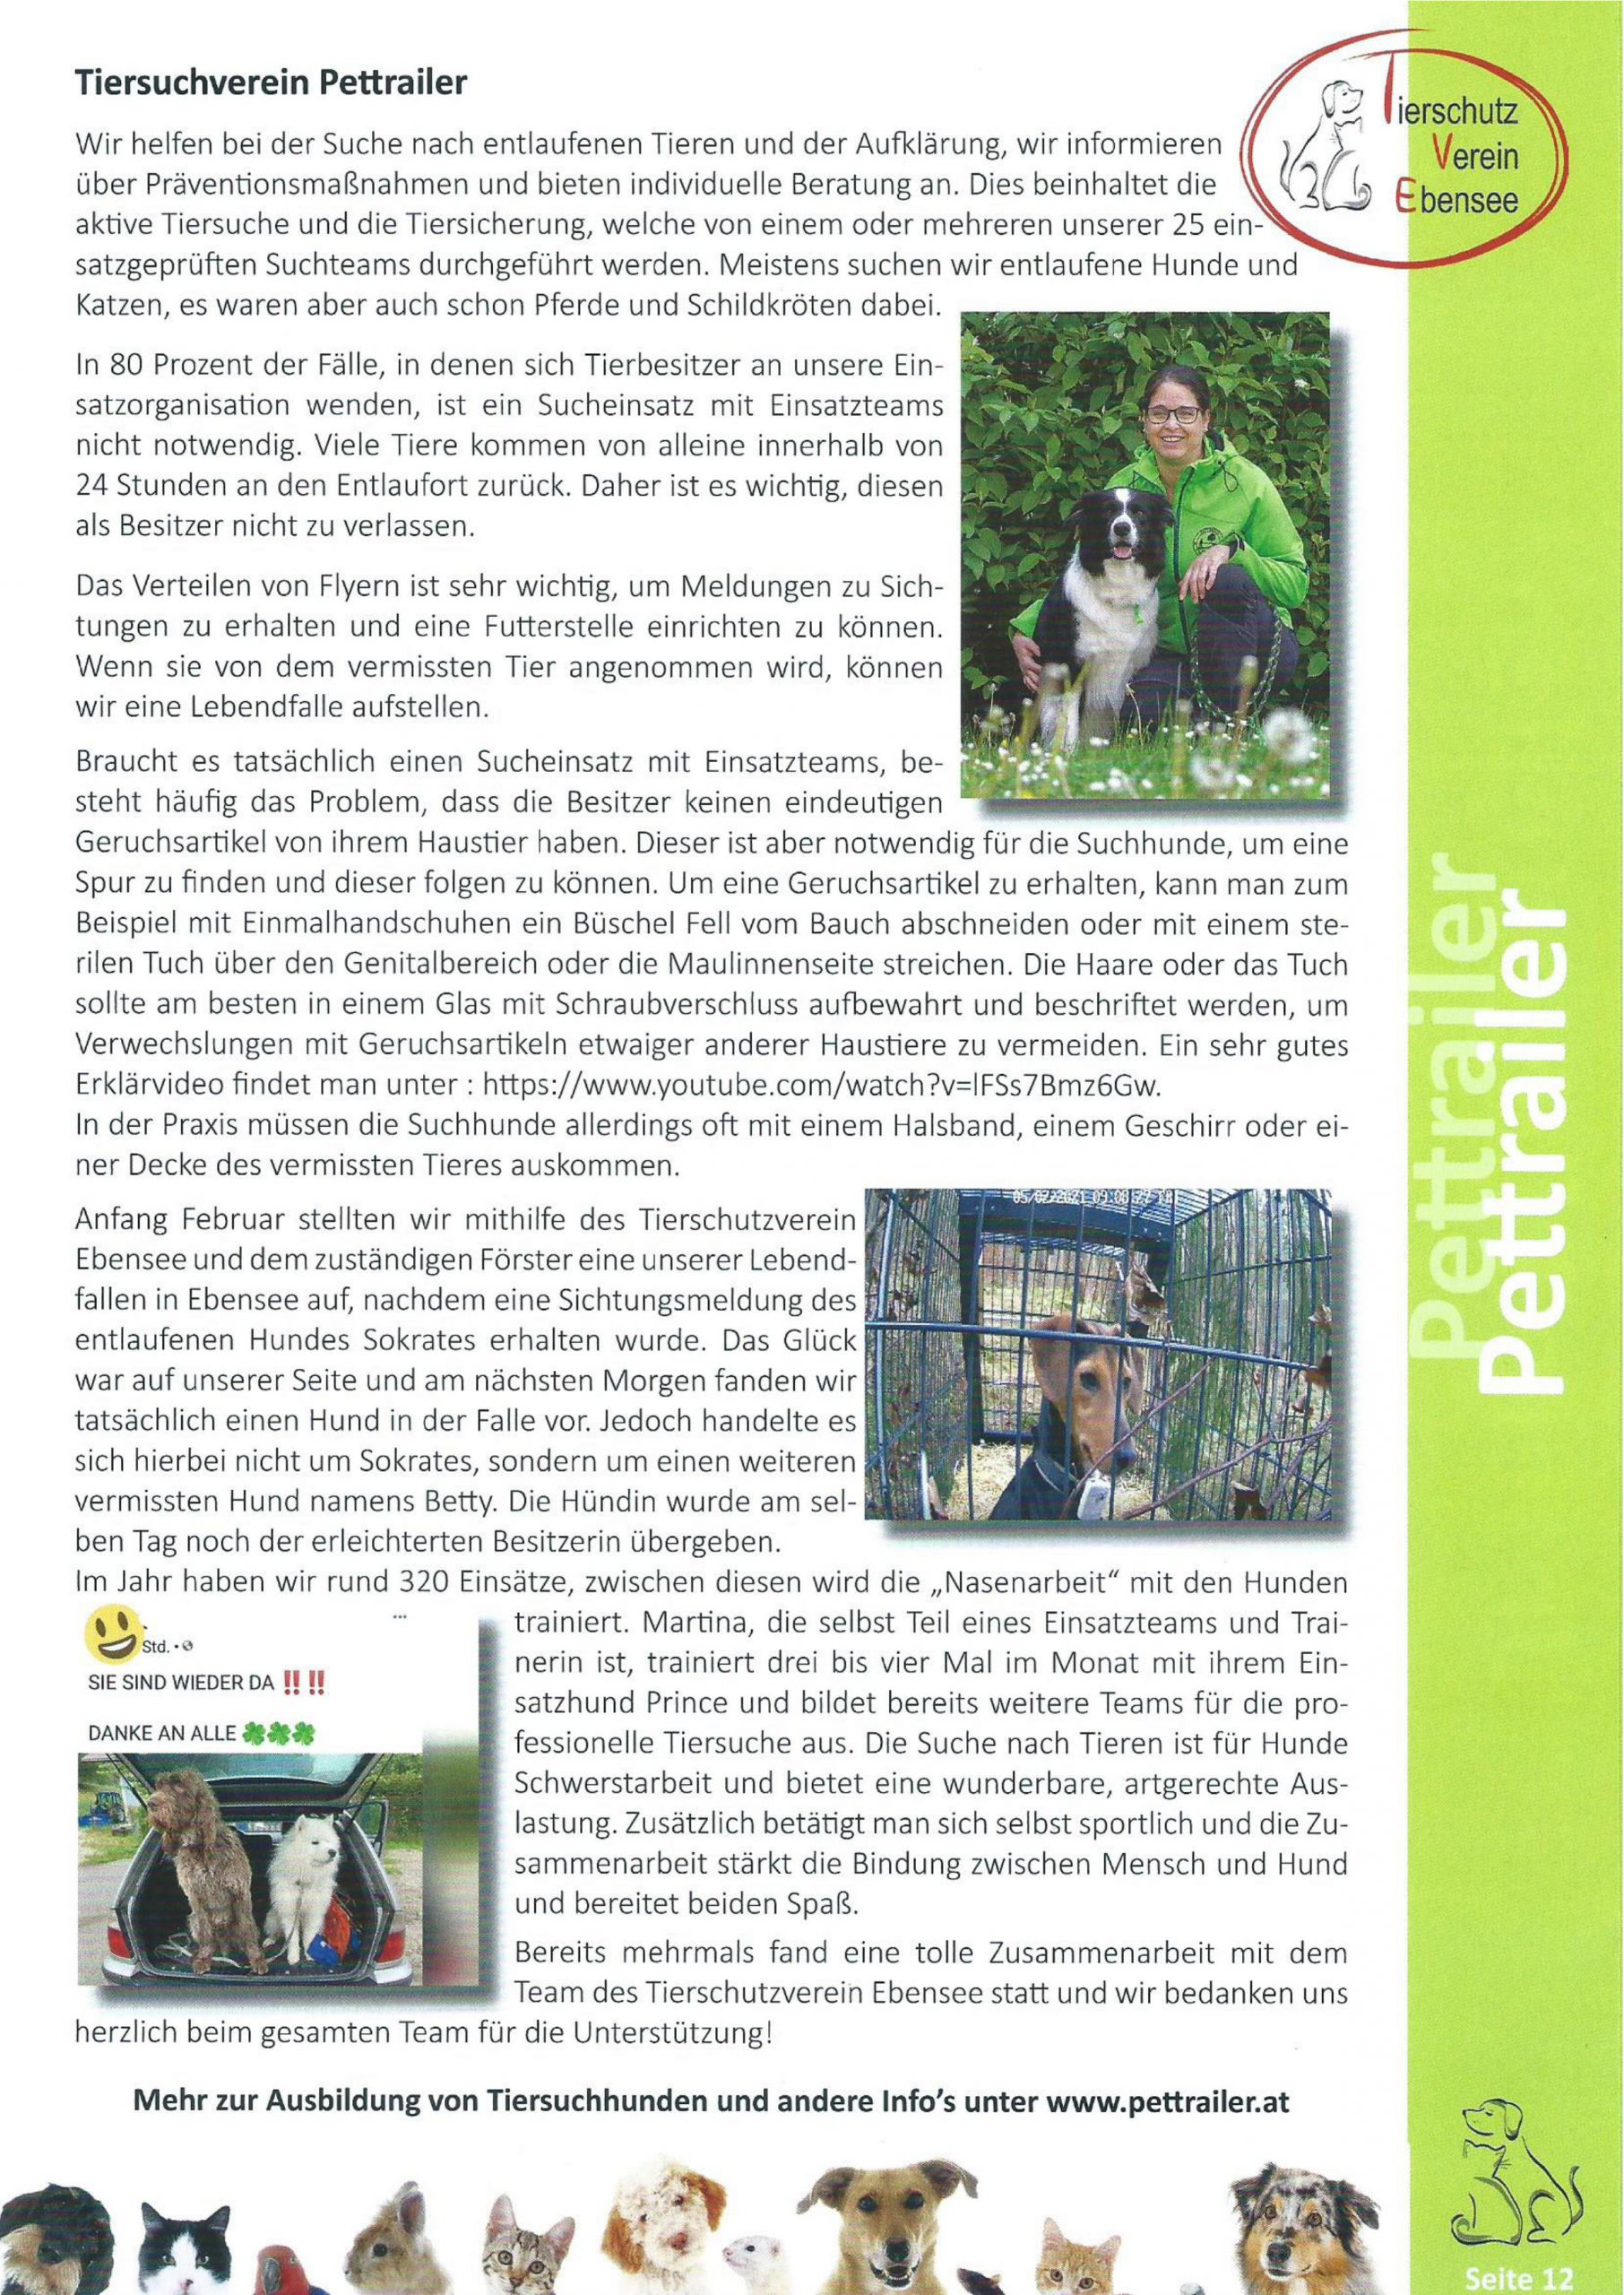 Tierschutzverein Ebensee